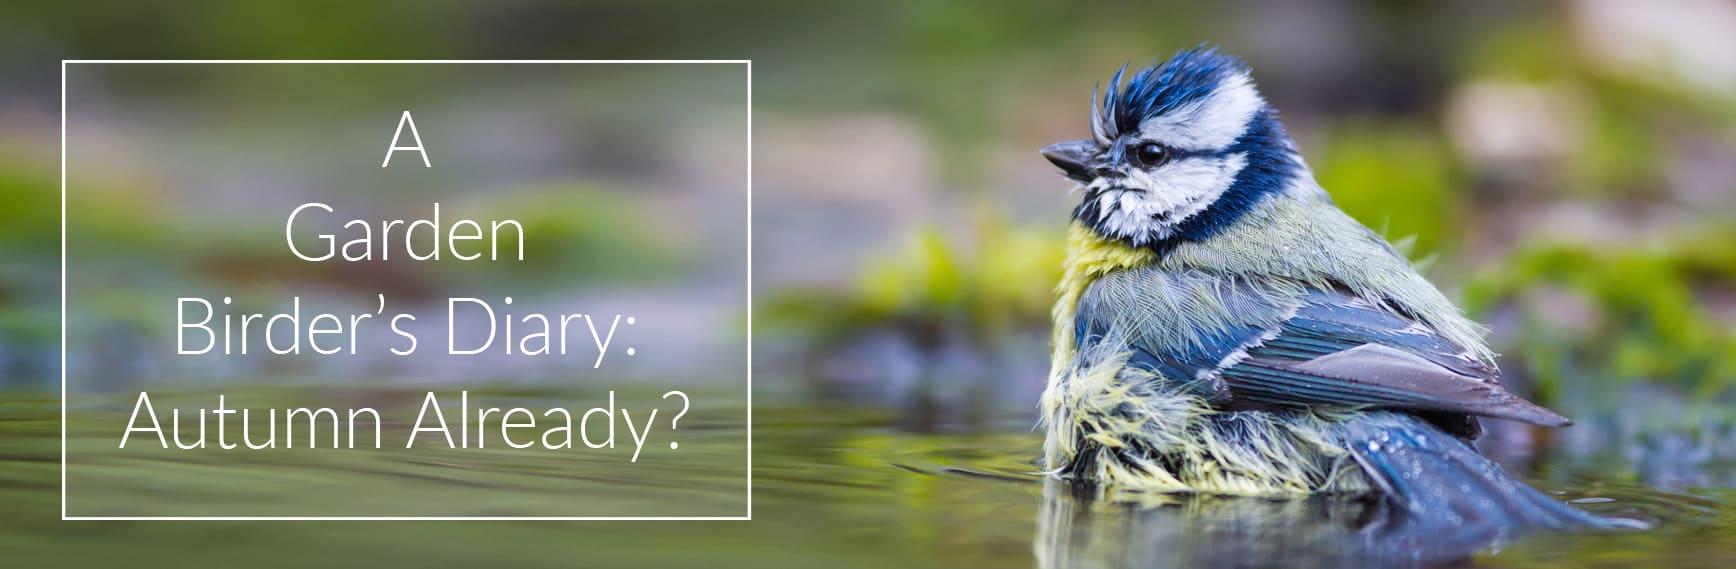 A Garden Birder's Diary: Autumn Already?